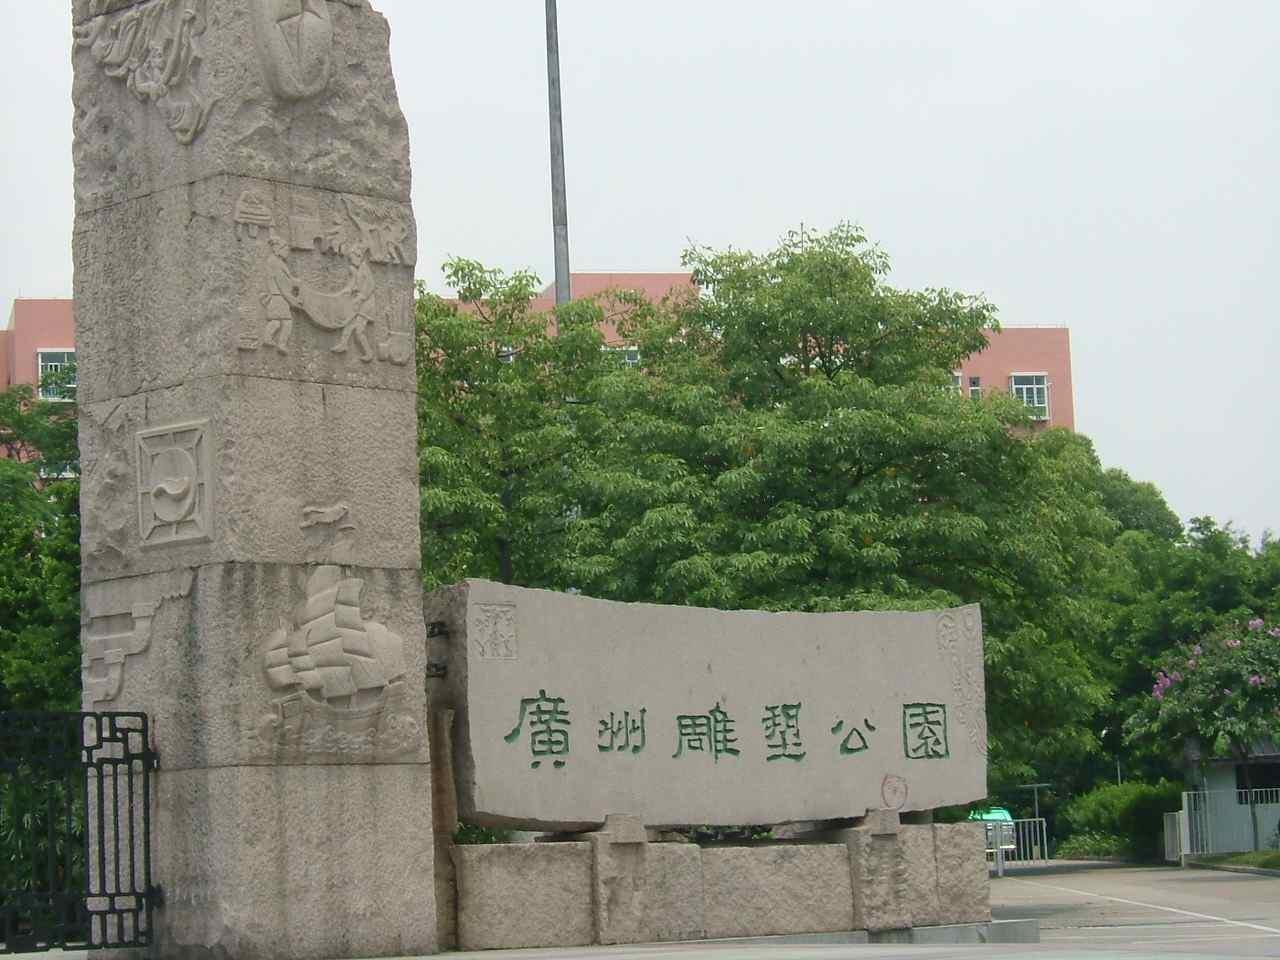 广州雕塑公园_广州雕塑公园 - 搜狗百科